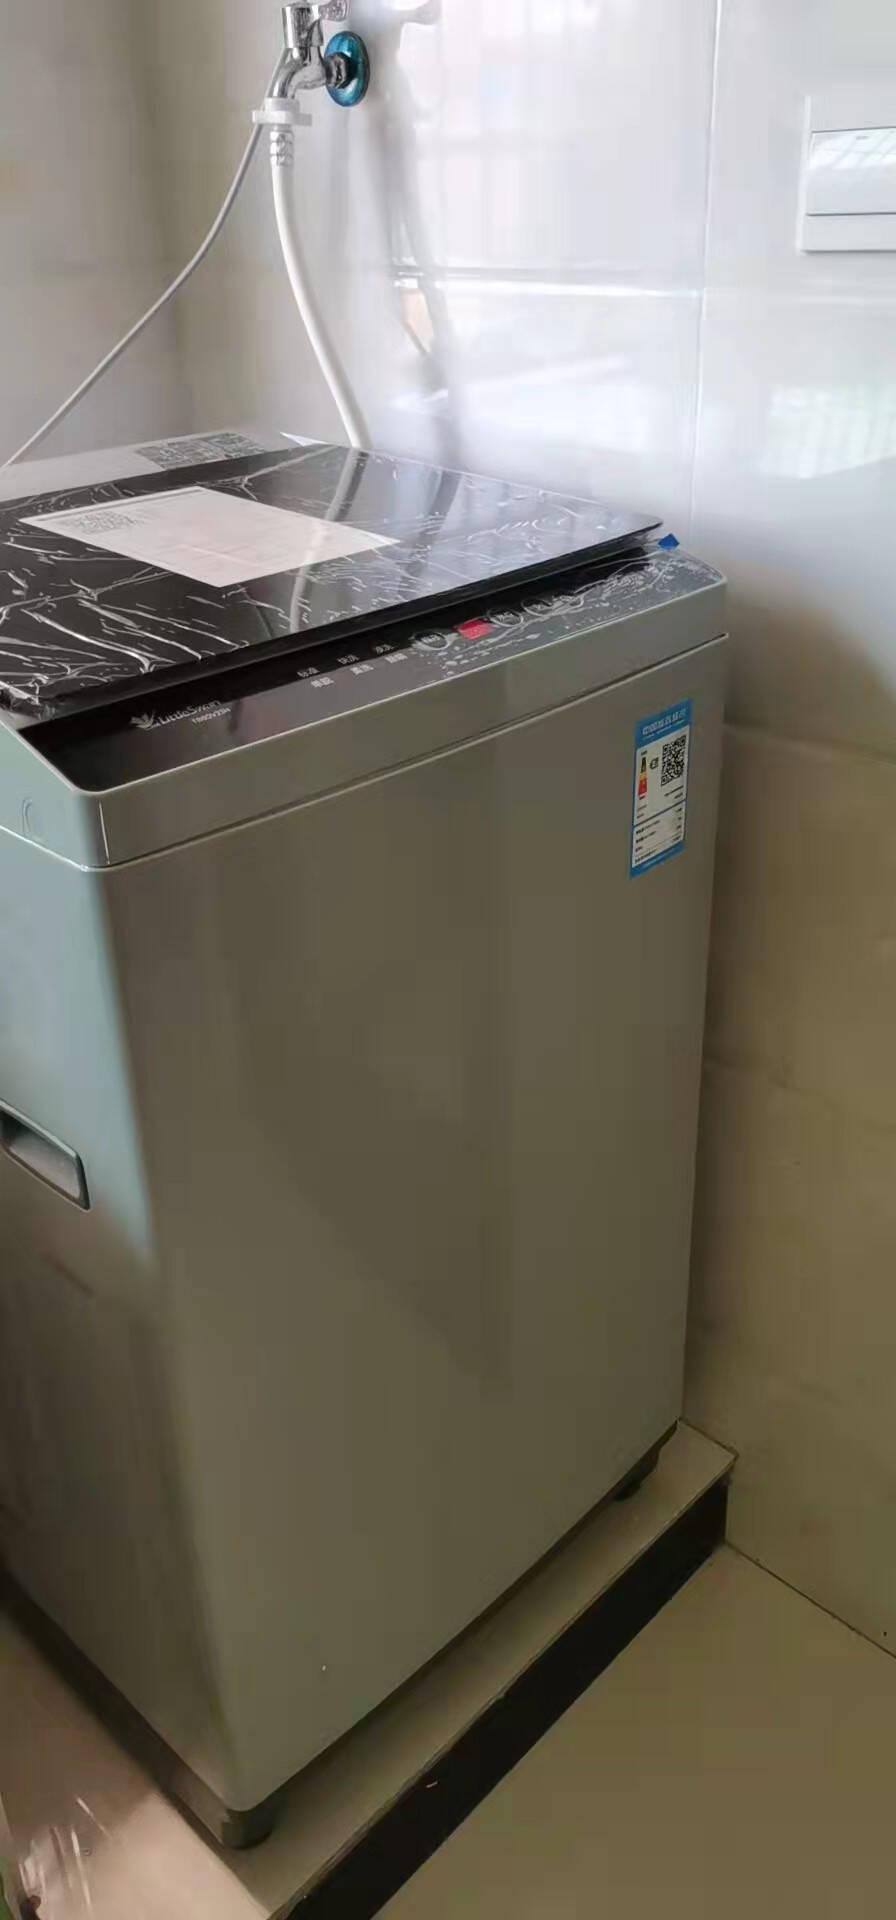 小天鹅LittleSwan洗衣机波轮全自动8公斤除螨洗健康免清洗一键脱水品质电机TB80V23H